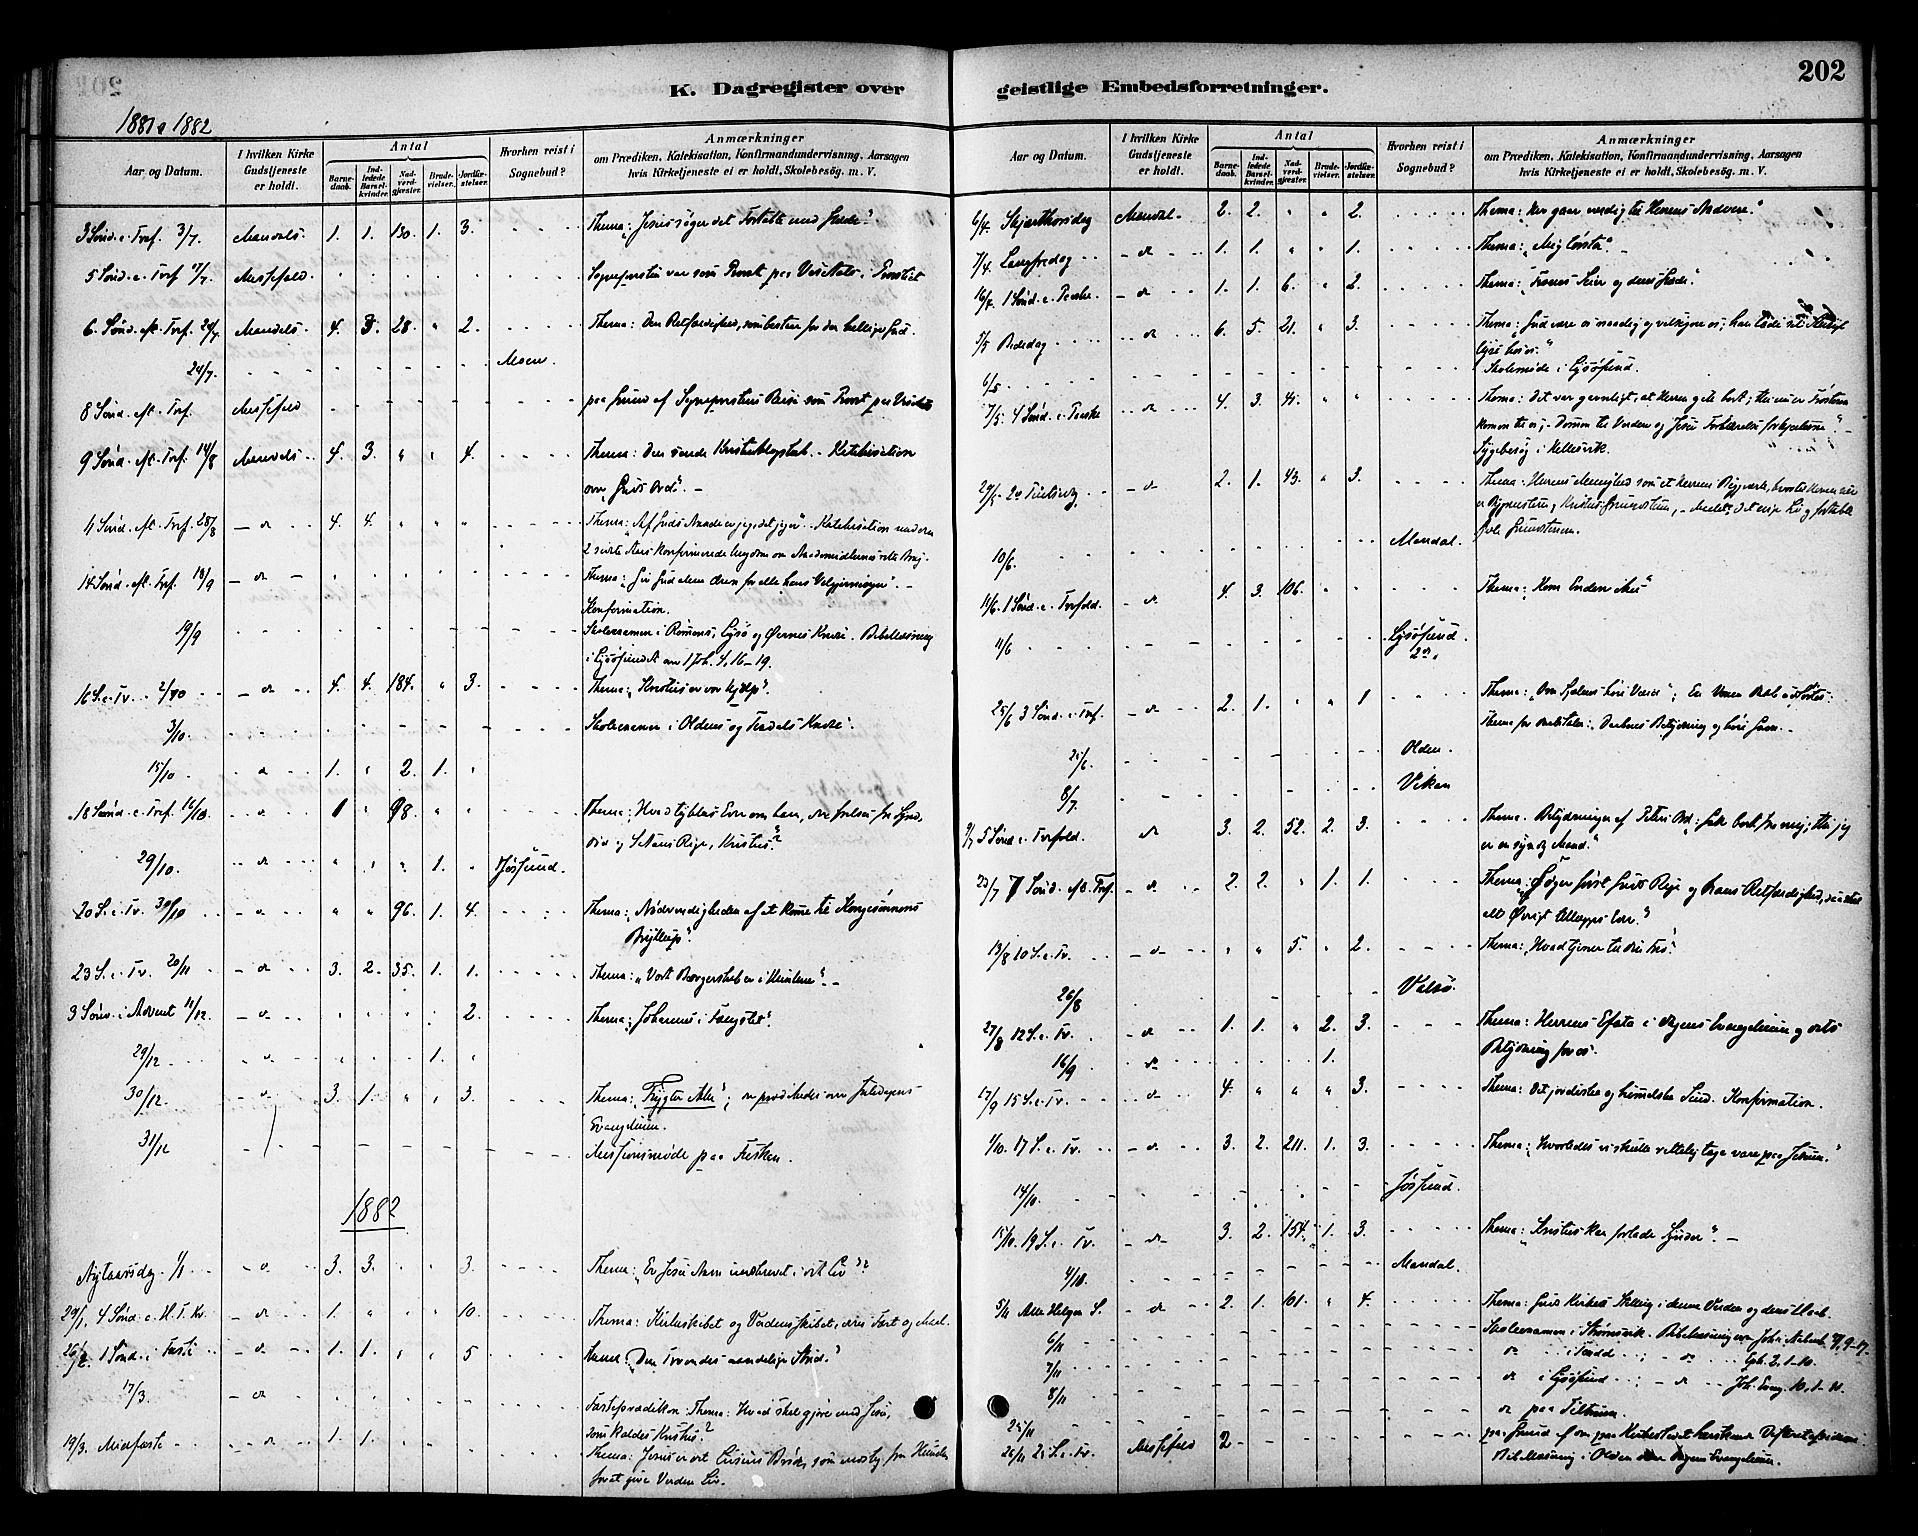 SAT, Ministerialprotokoller, klokkerbøker og fødselsregistre - Sør-Trøndelag, 654/L0663: Ministerialbok nr. 654A01, 1880-1894, s. 202